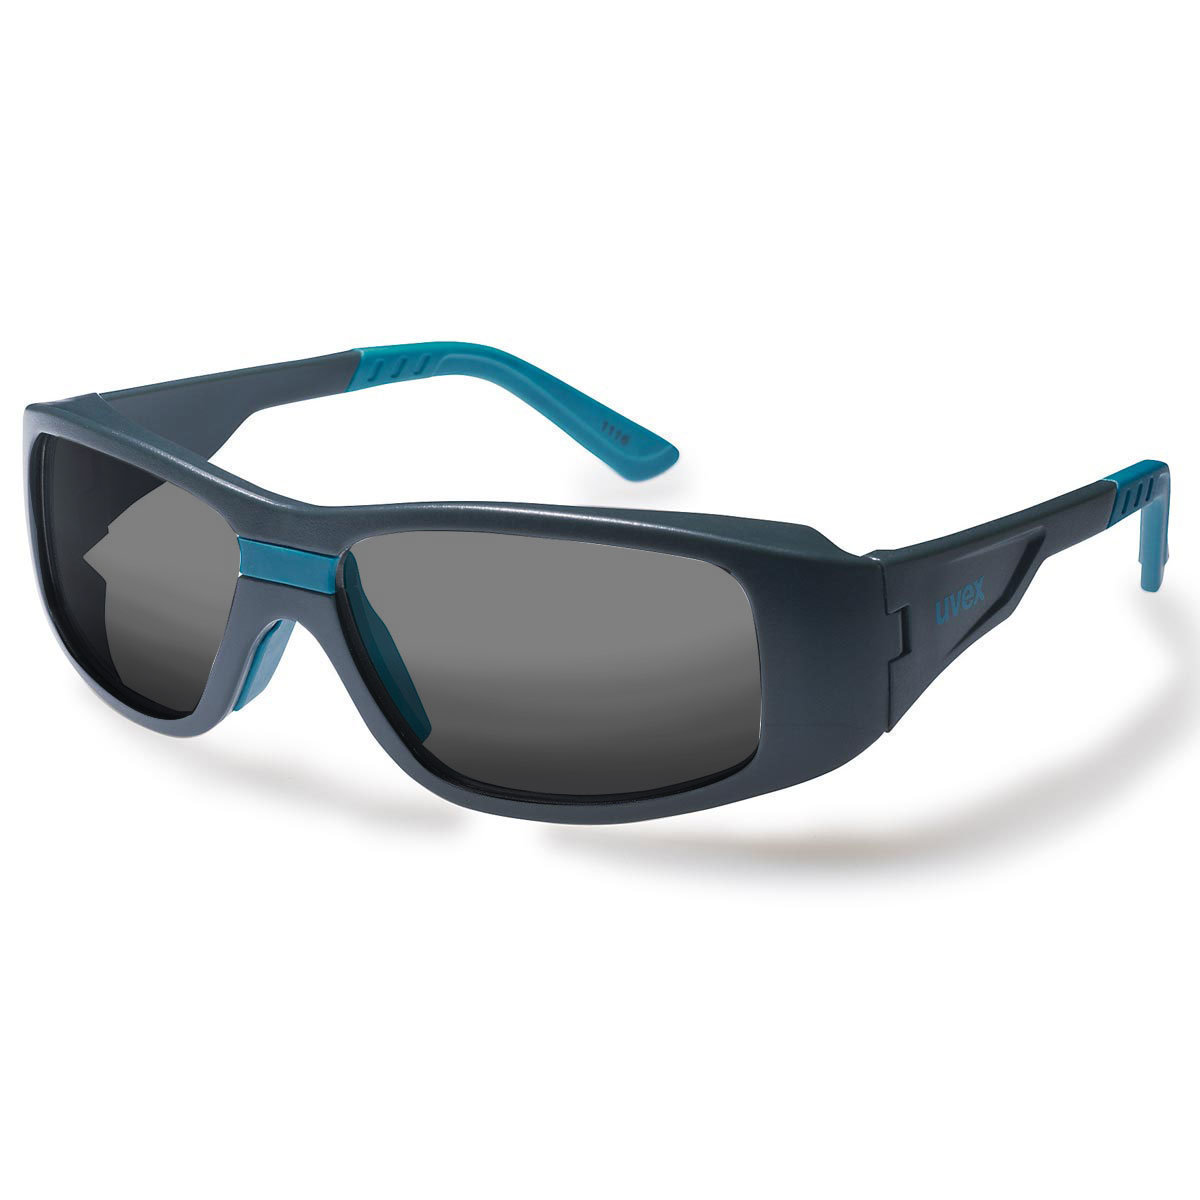 Uvex Korrektionsschutzbrille RX sp 5519 - grau getönt